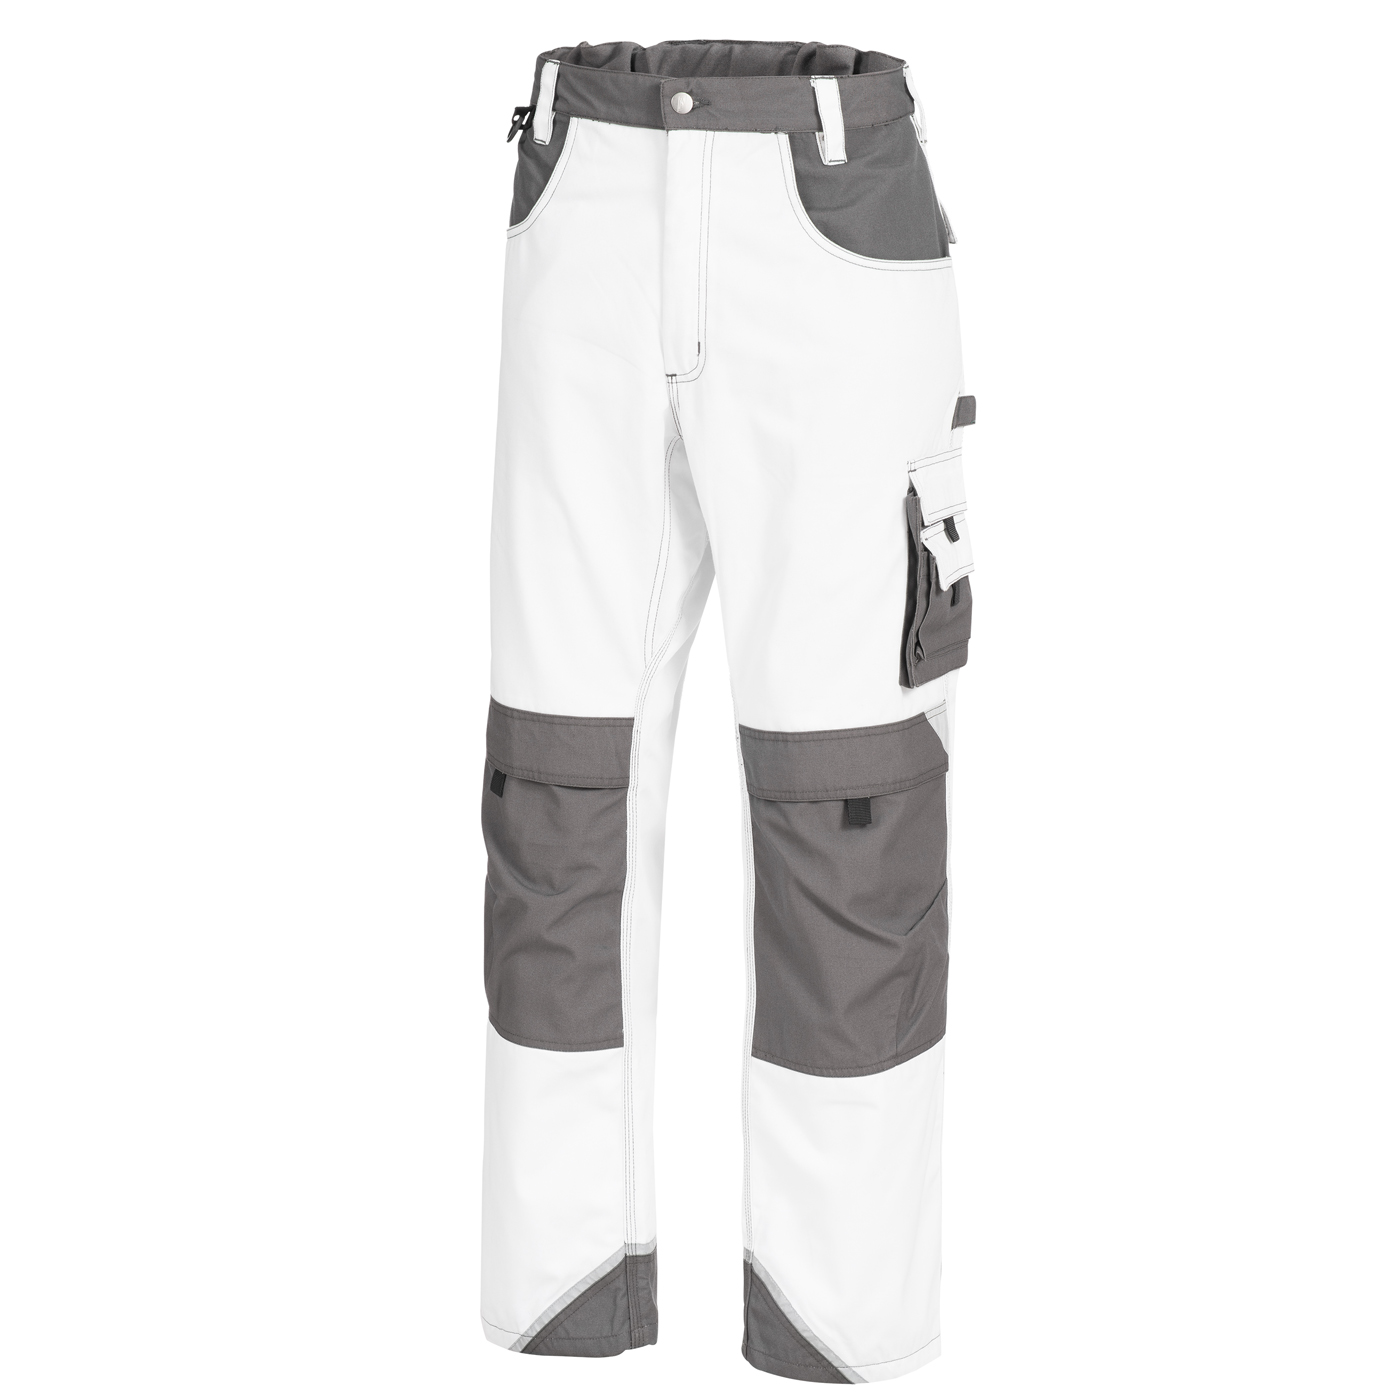 Spodnie robocze Nitras 7613